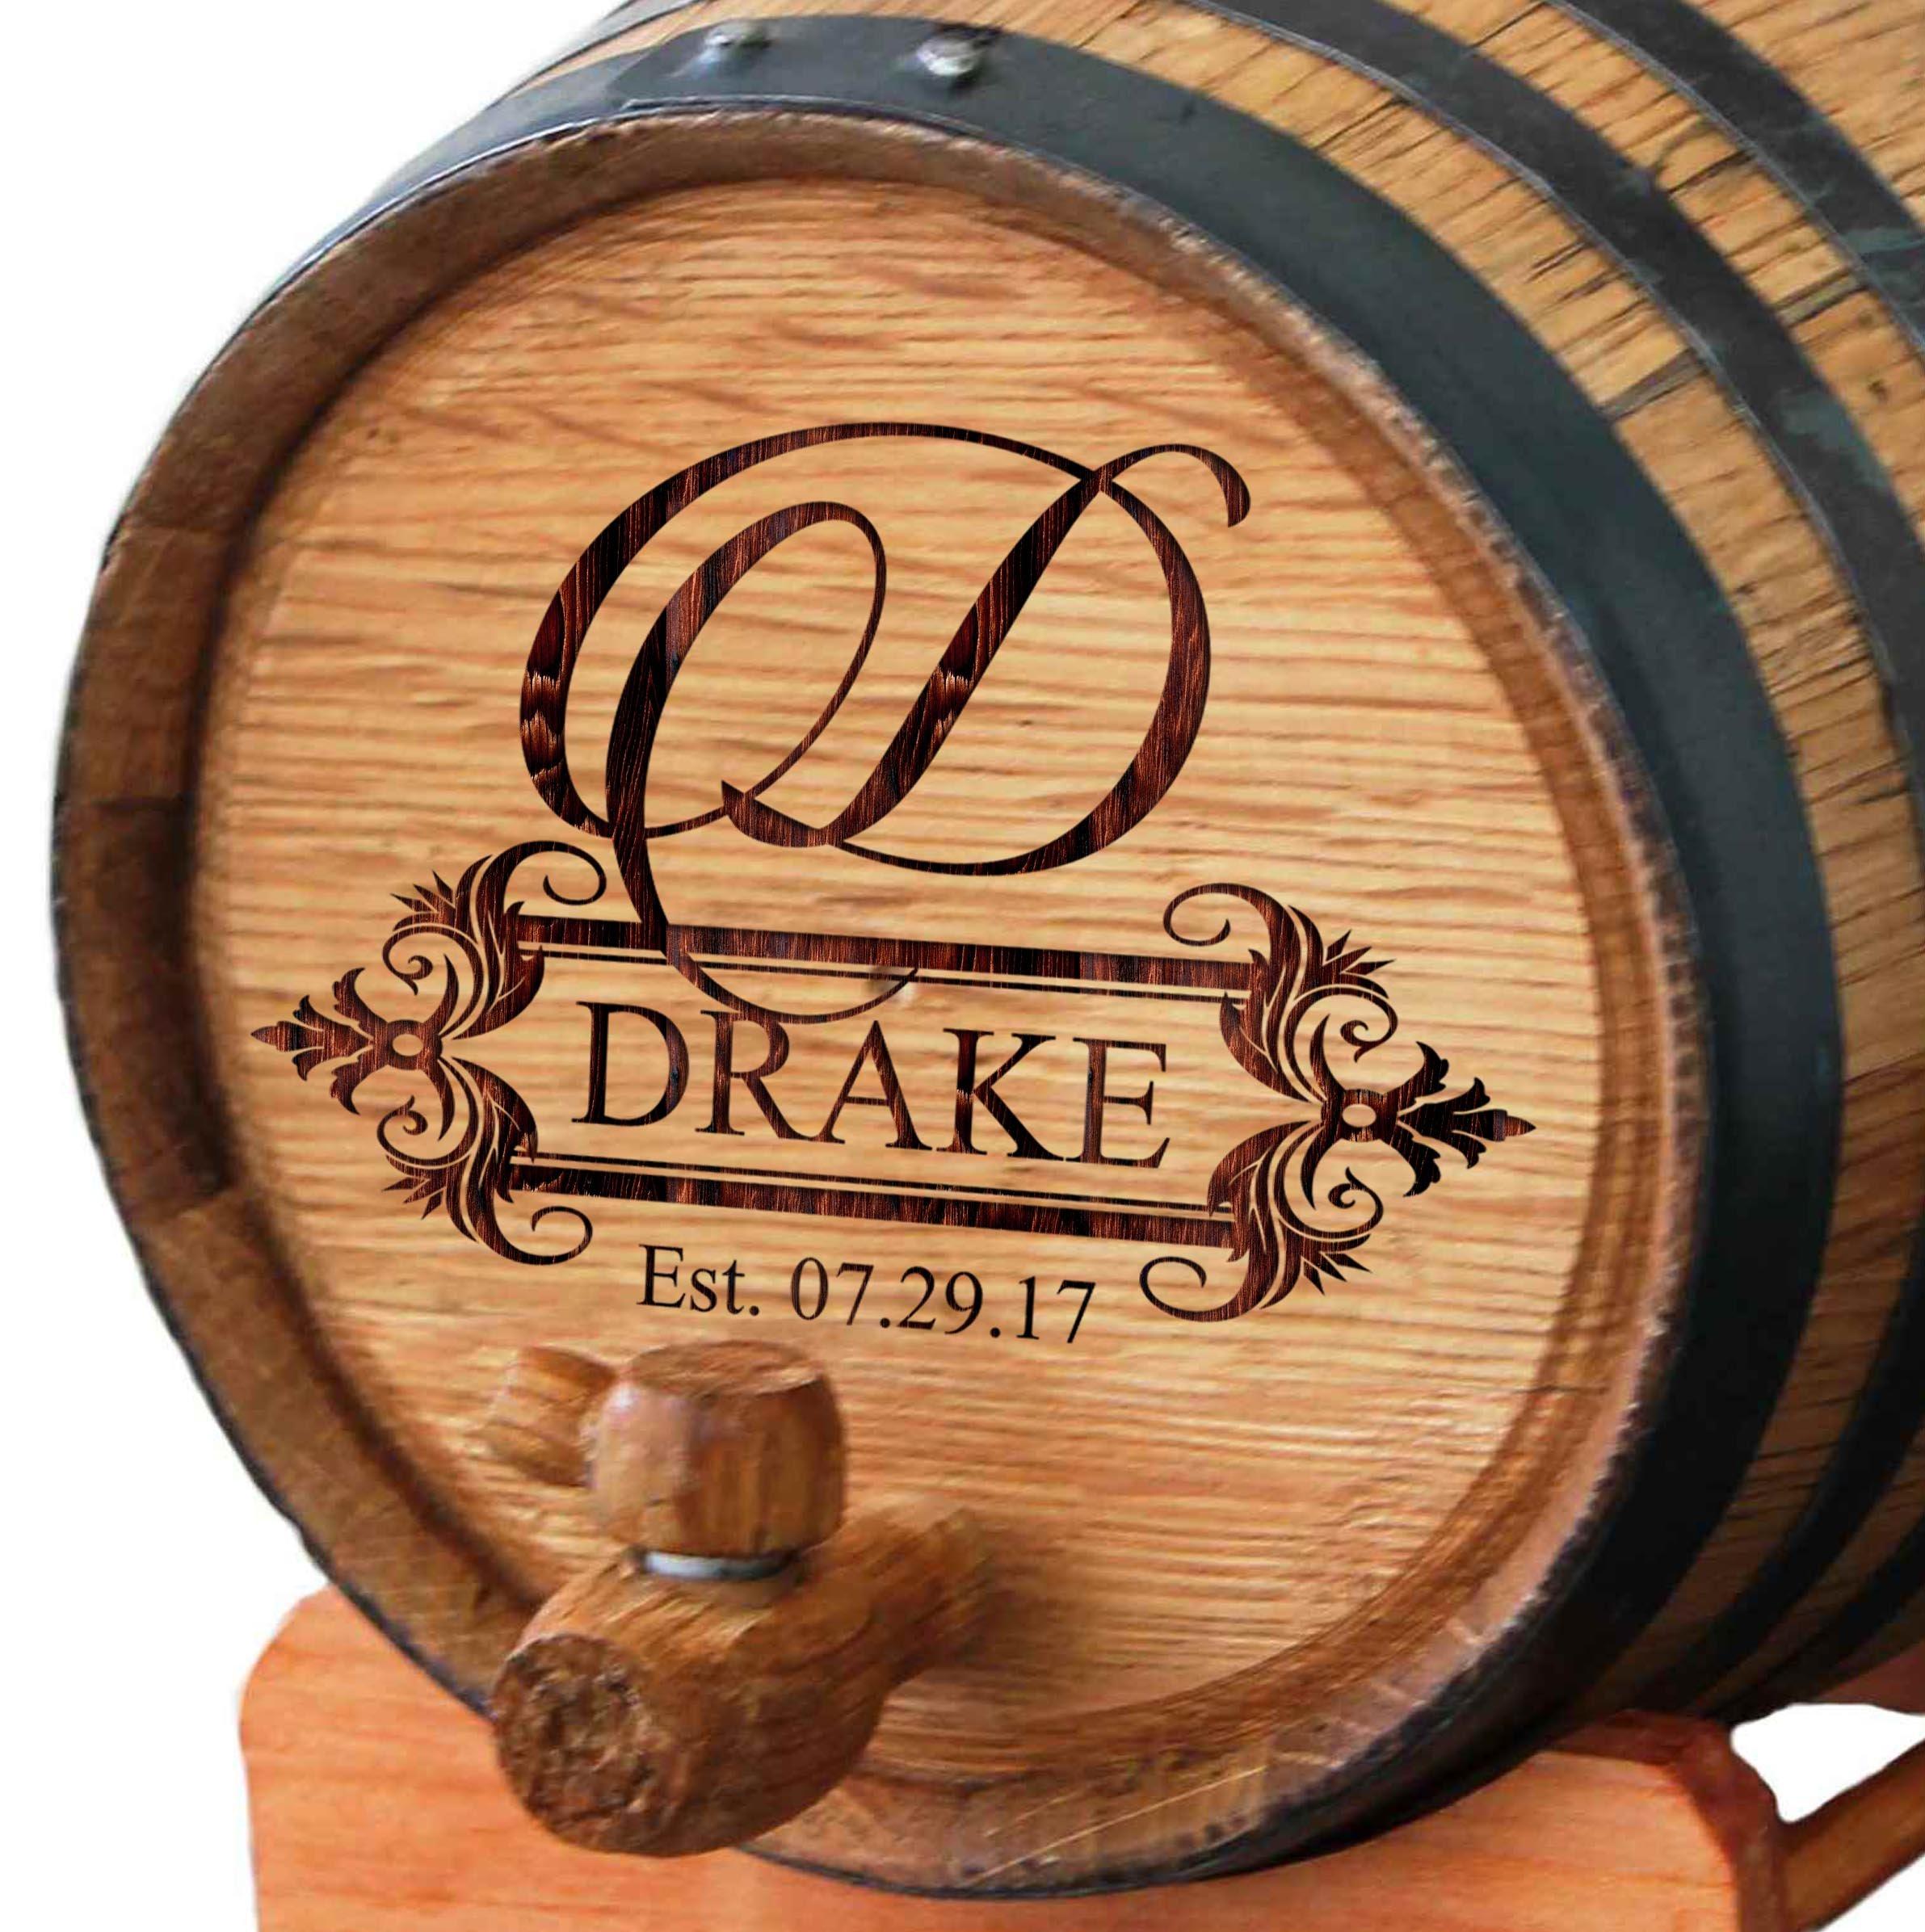 Personalized Whiskey Barrel - Engraved Wine Barrel - Custom Oak 2 Liter Barrel - Fancy Design by My Personal Memories